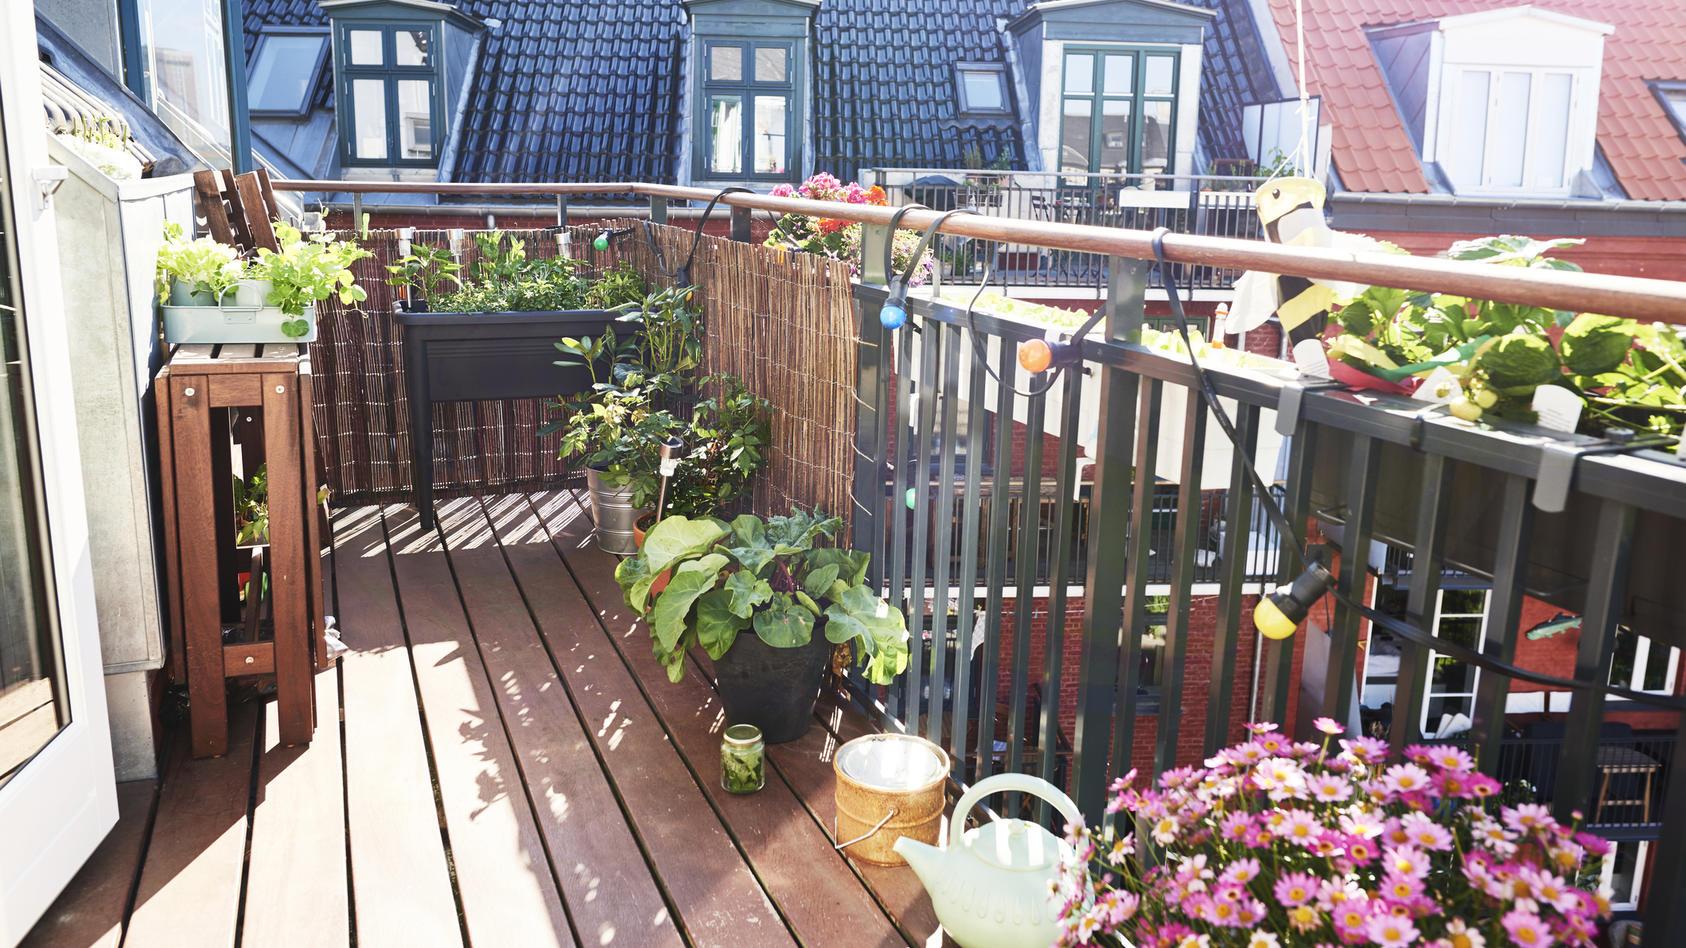 Besonders im Sommer kann ein Balkon zur kleinen eigenen Oase werden